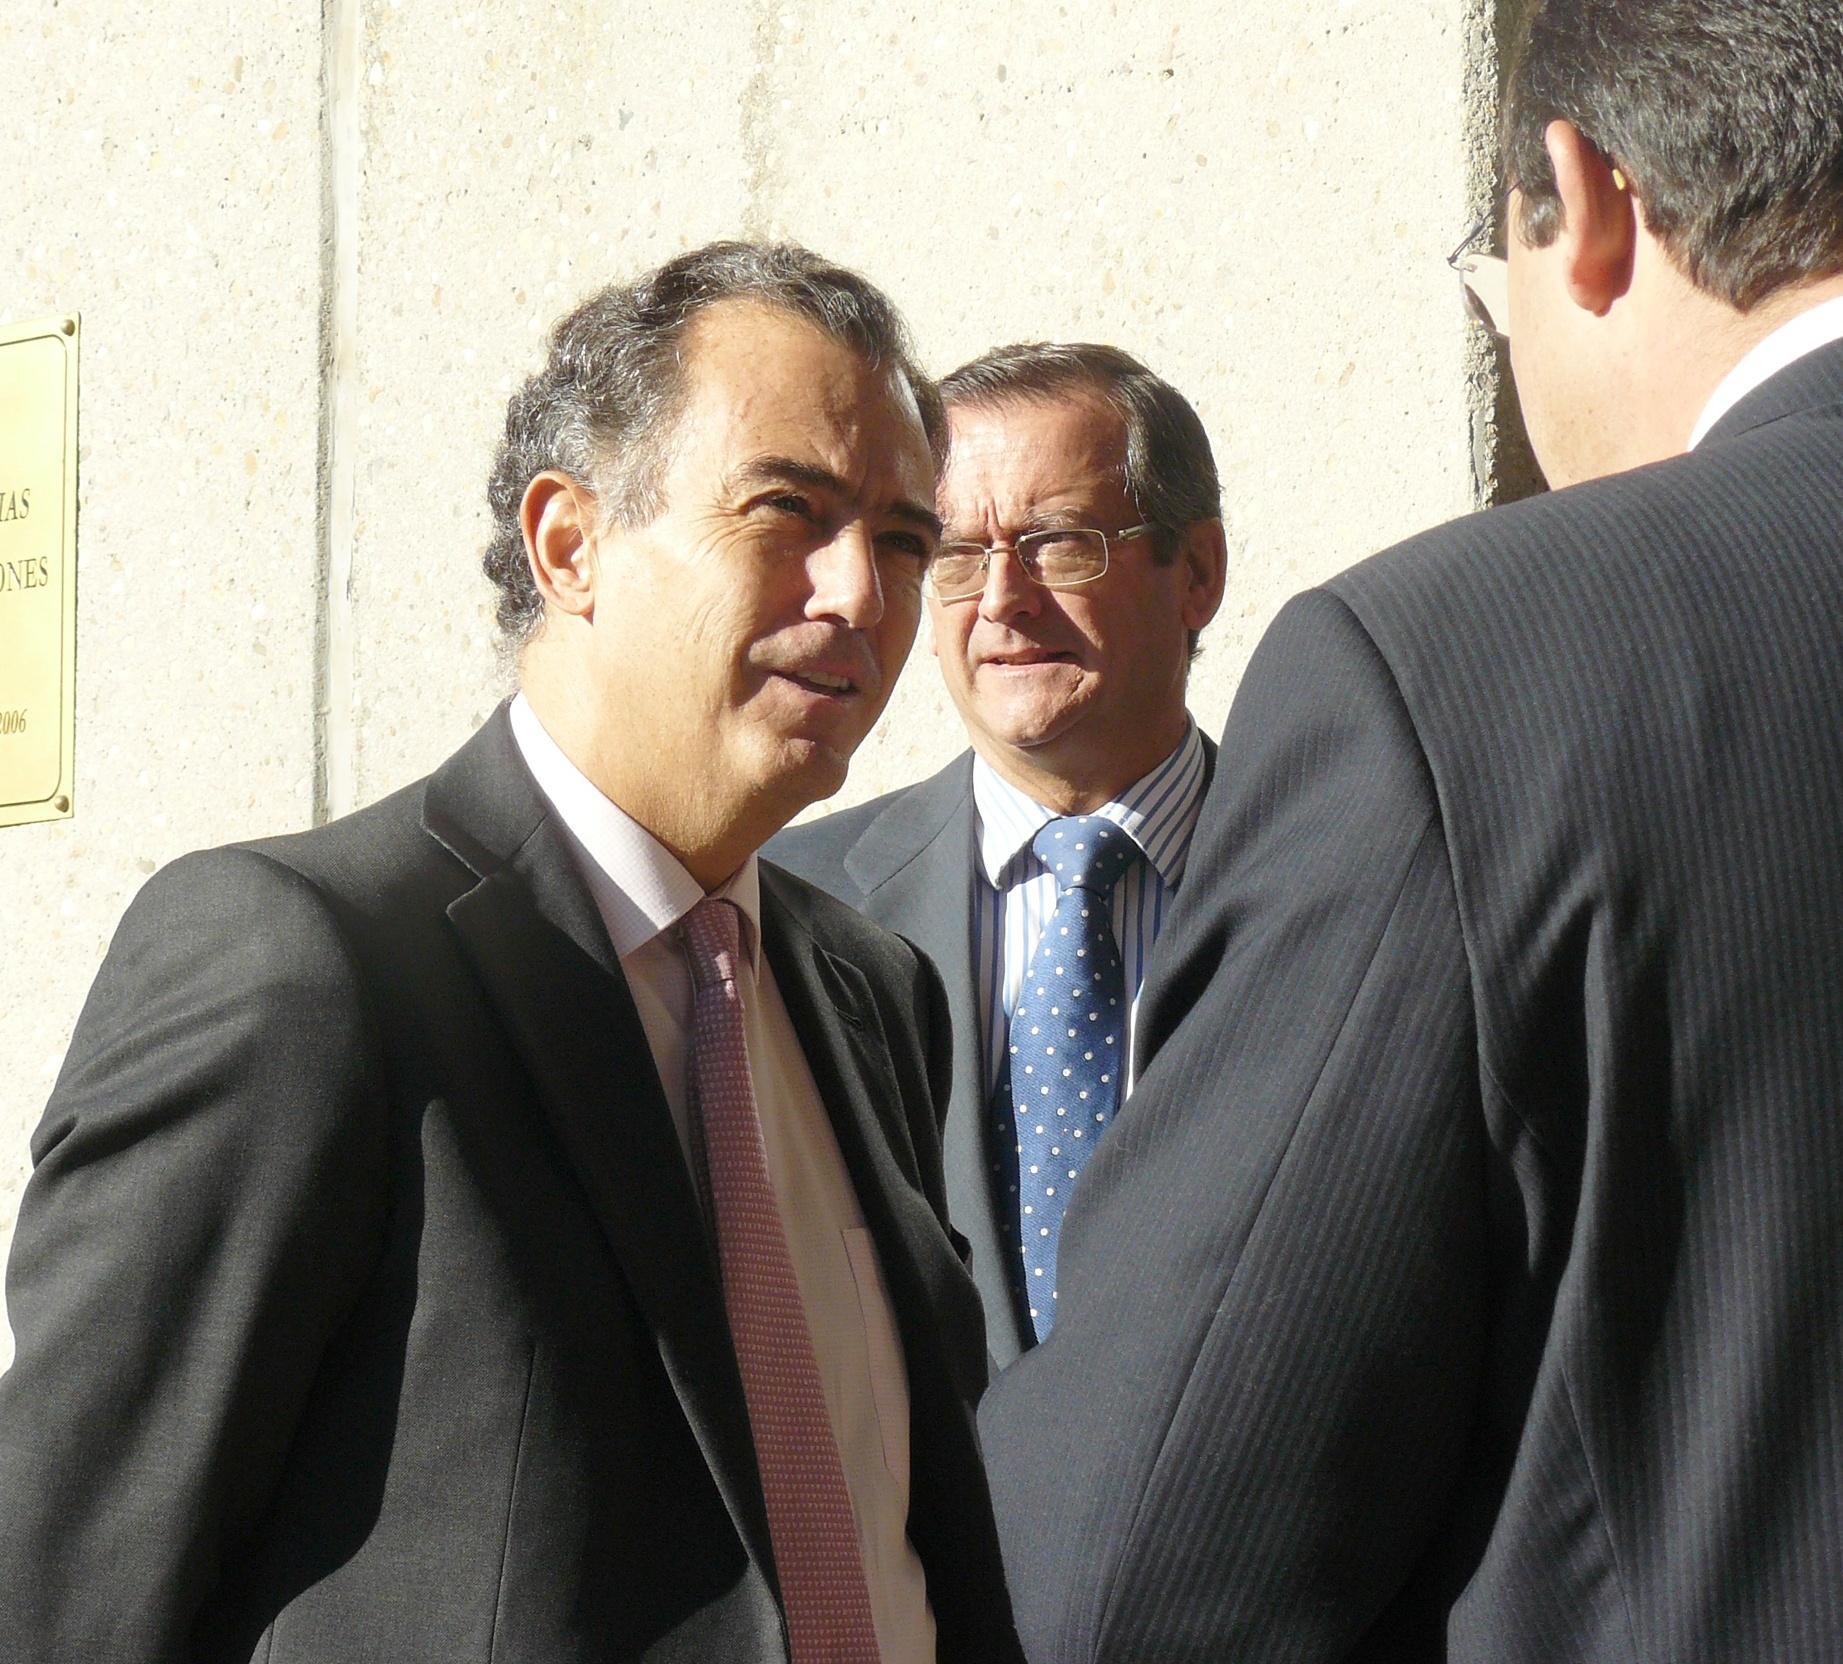 La rebaja fiscal en Madrid creará 13.600 empleos